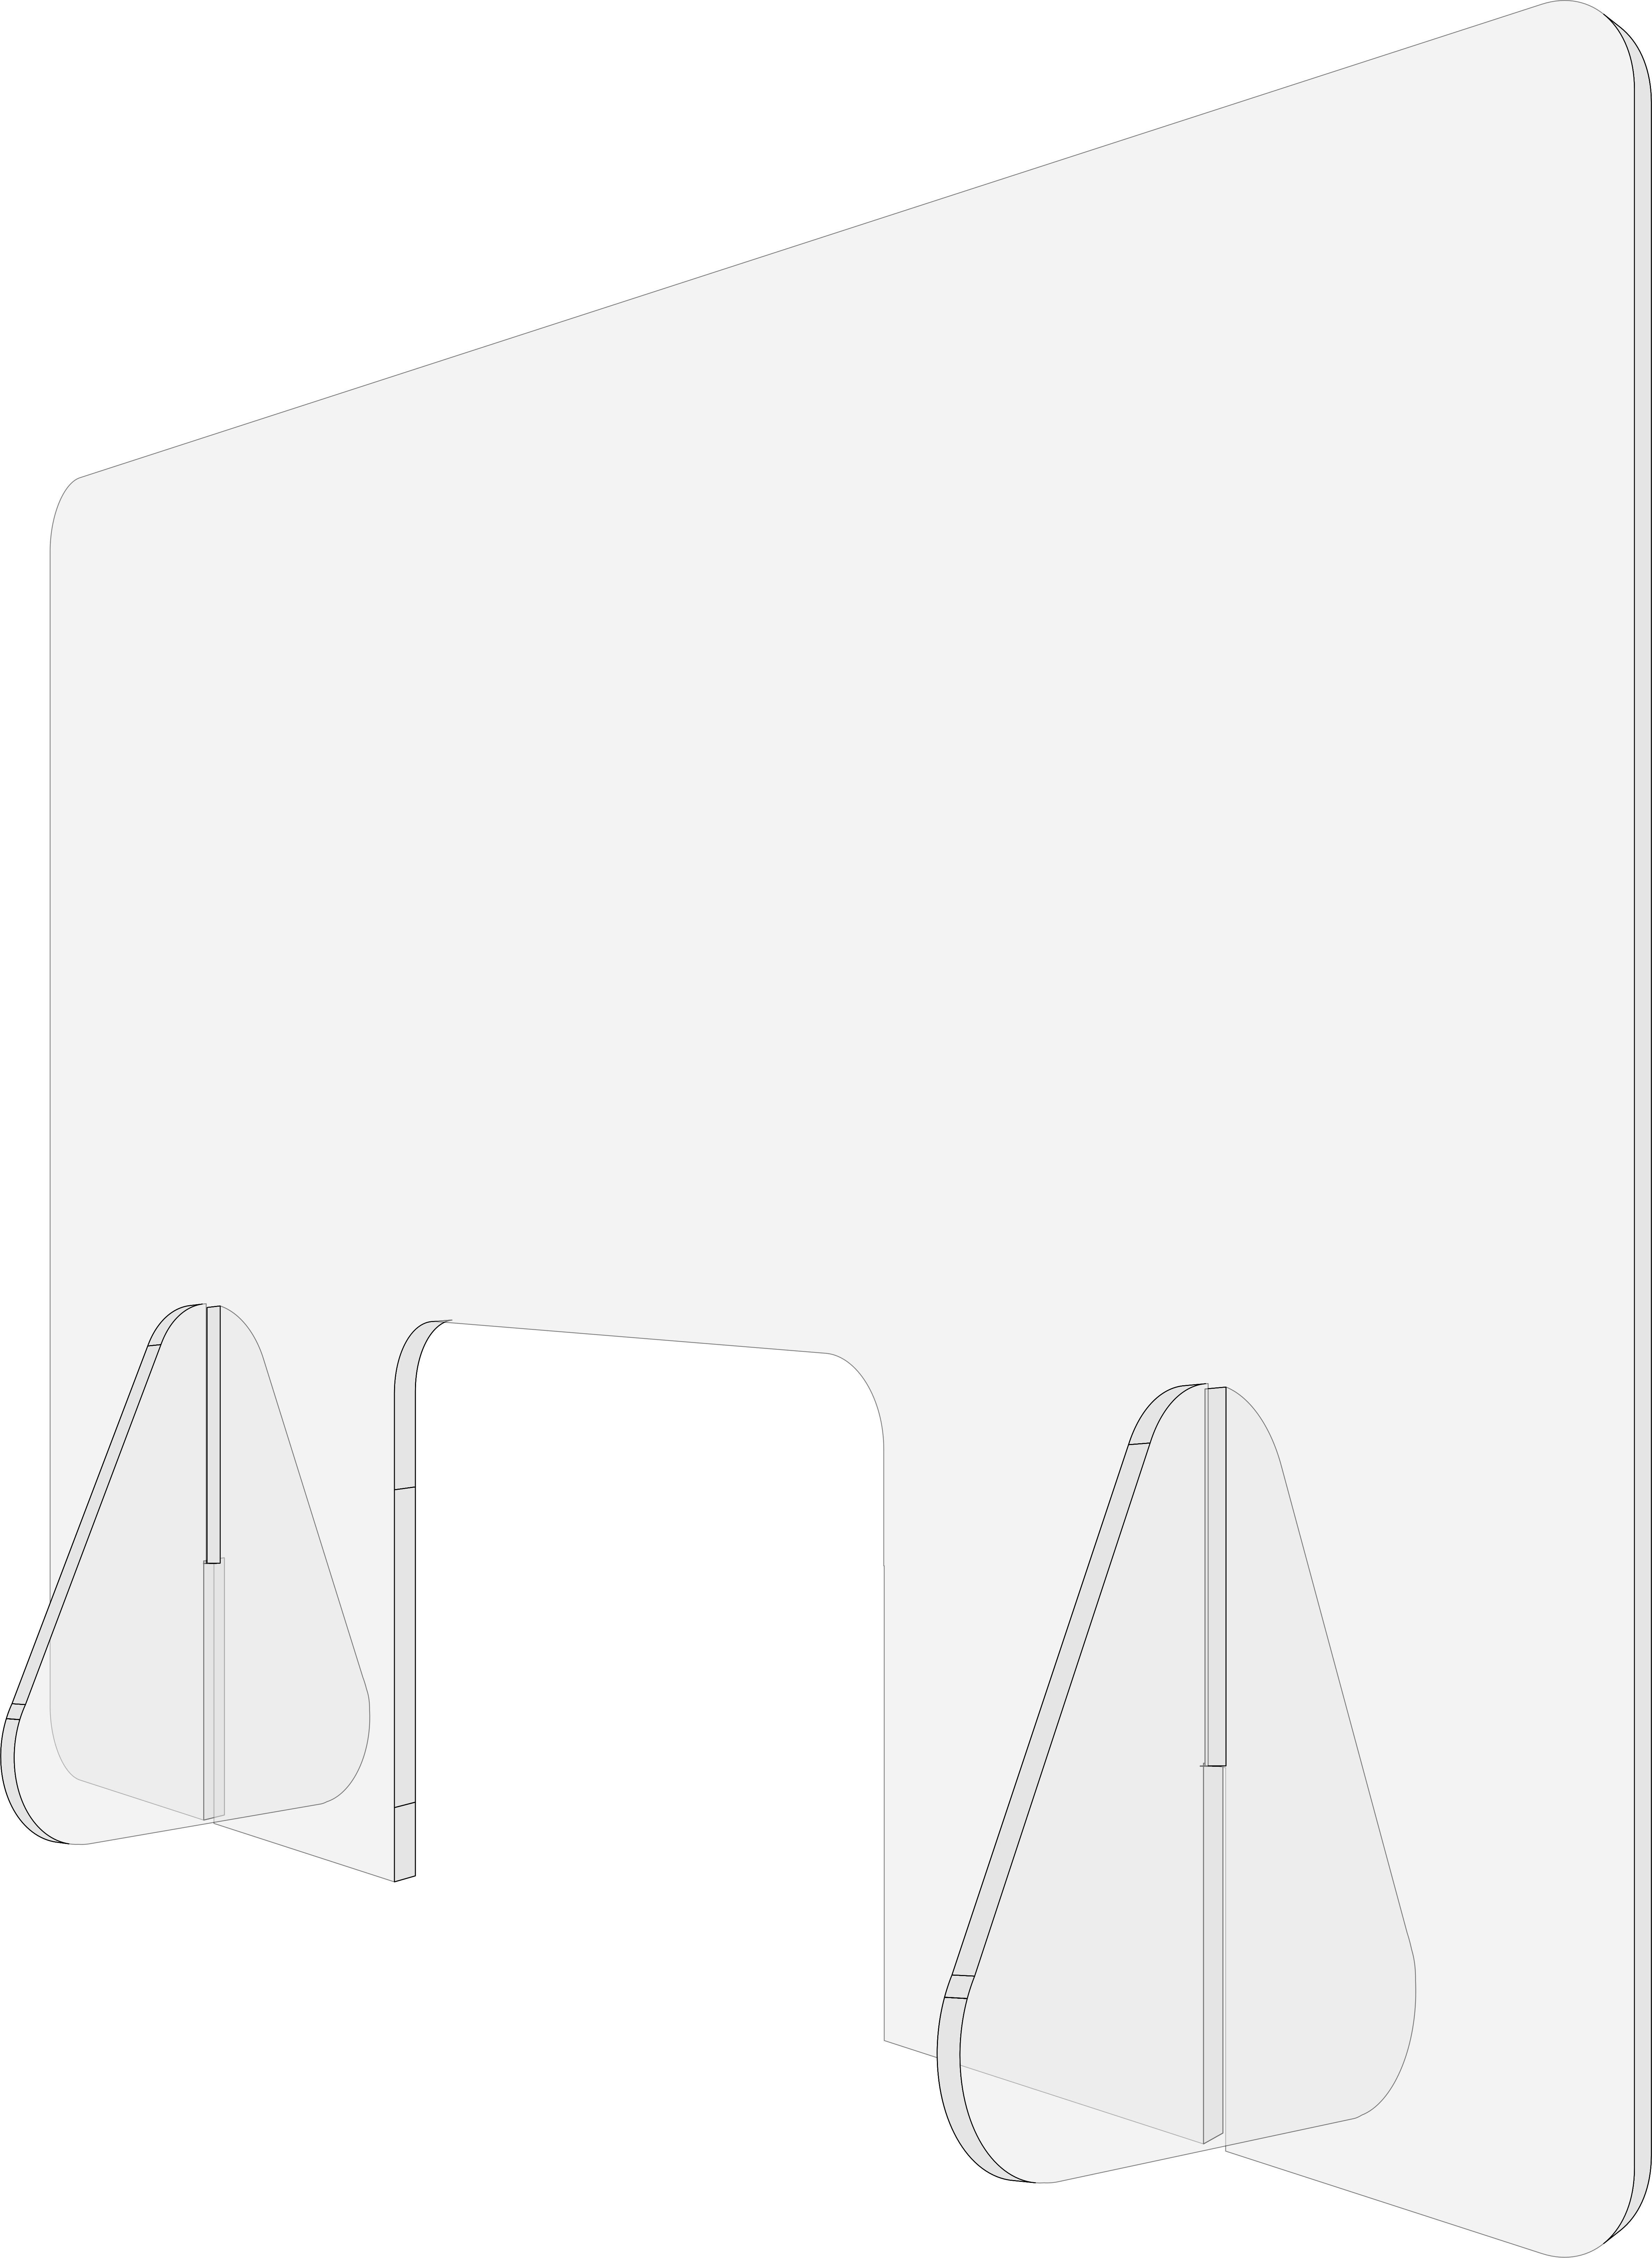 Liquiprotect - Schutzwand 600x400